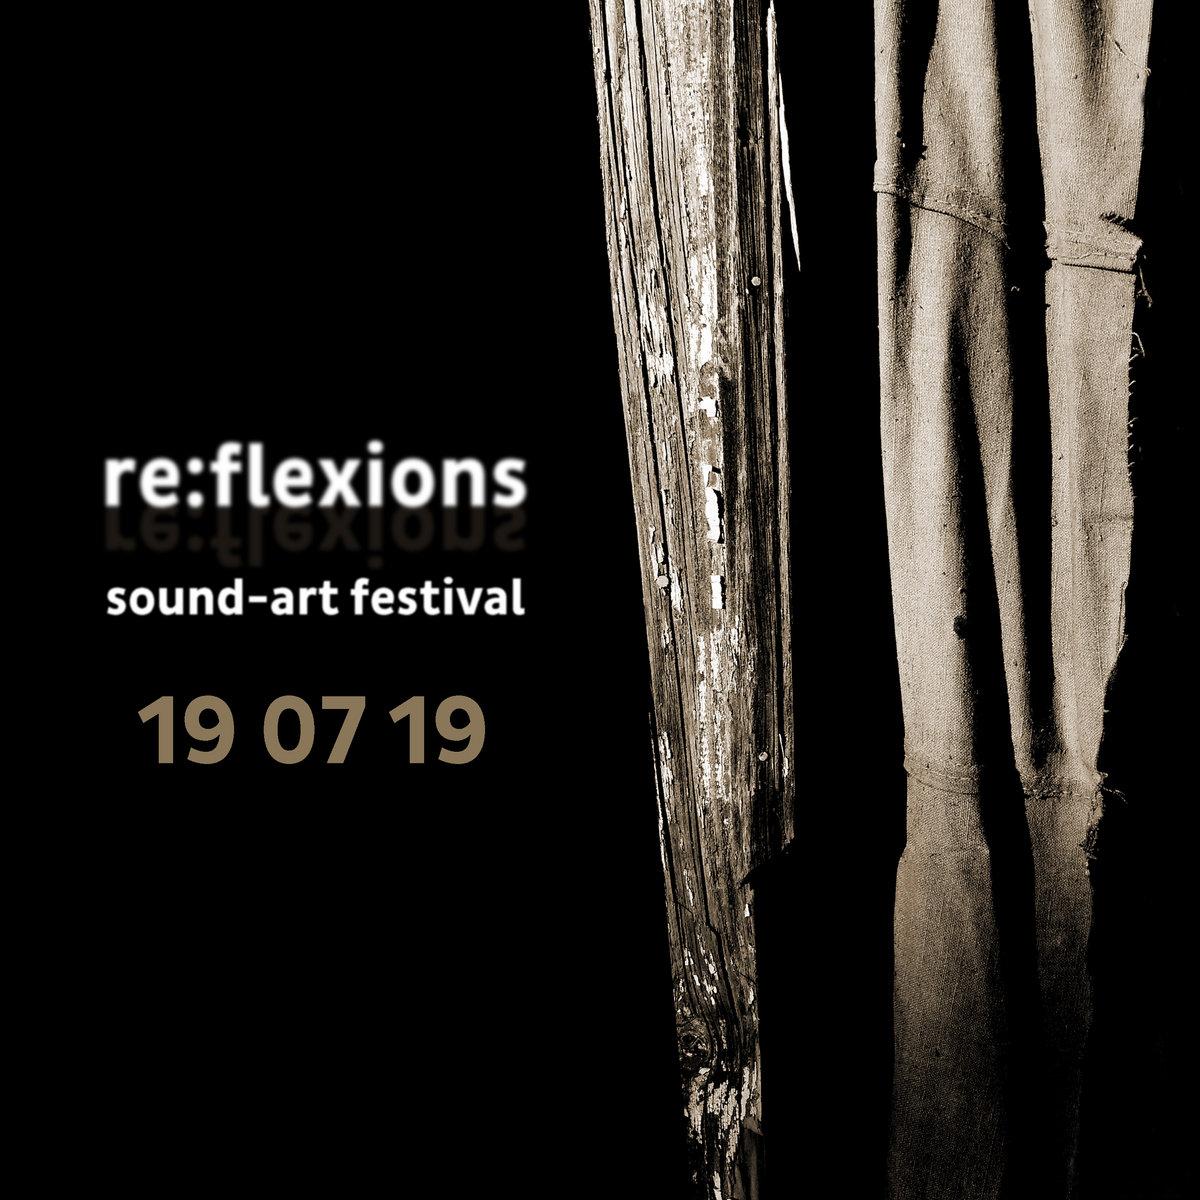 V.A. – re:flexions / sound-art festival 19 07 19